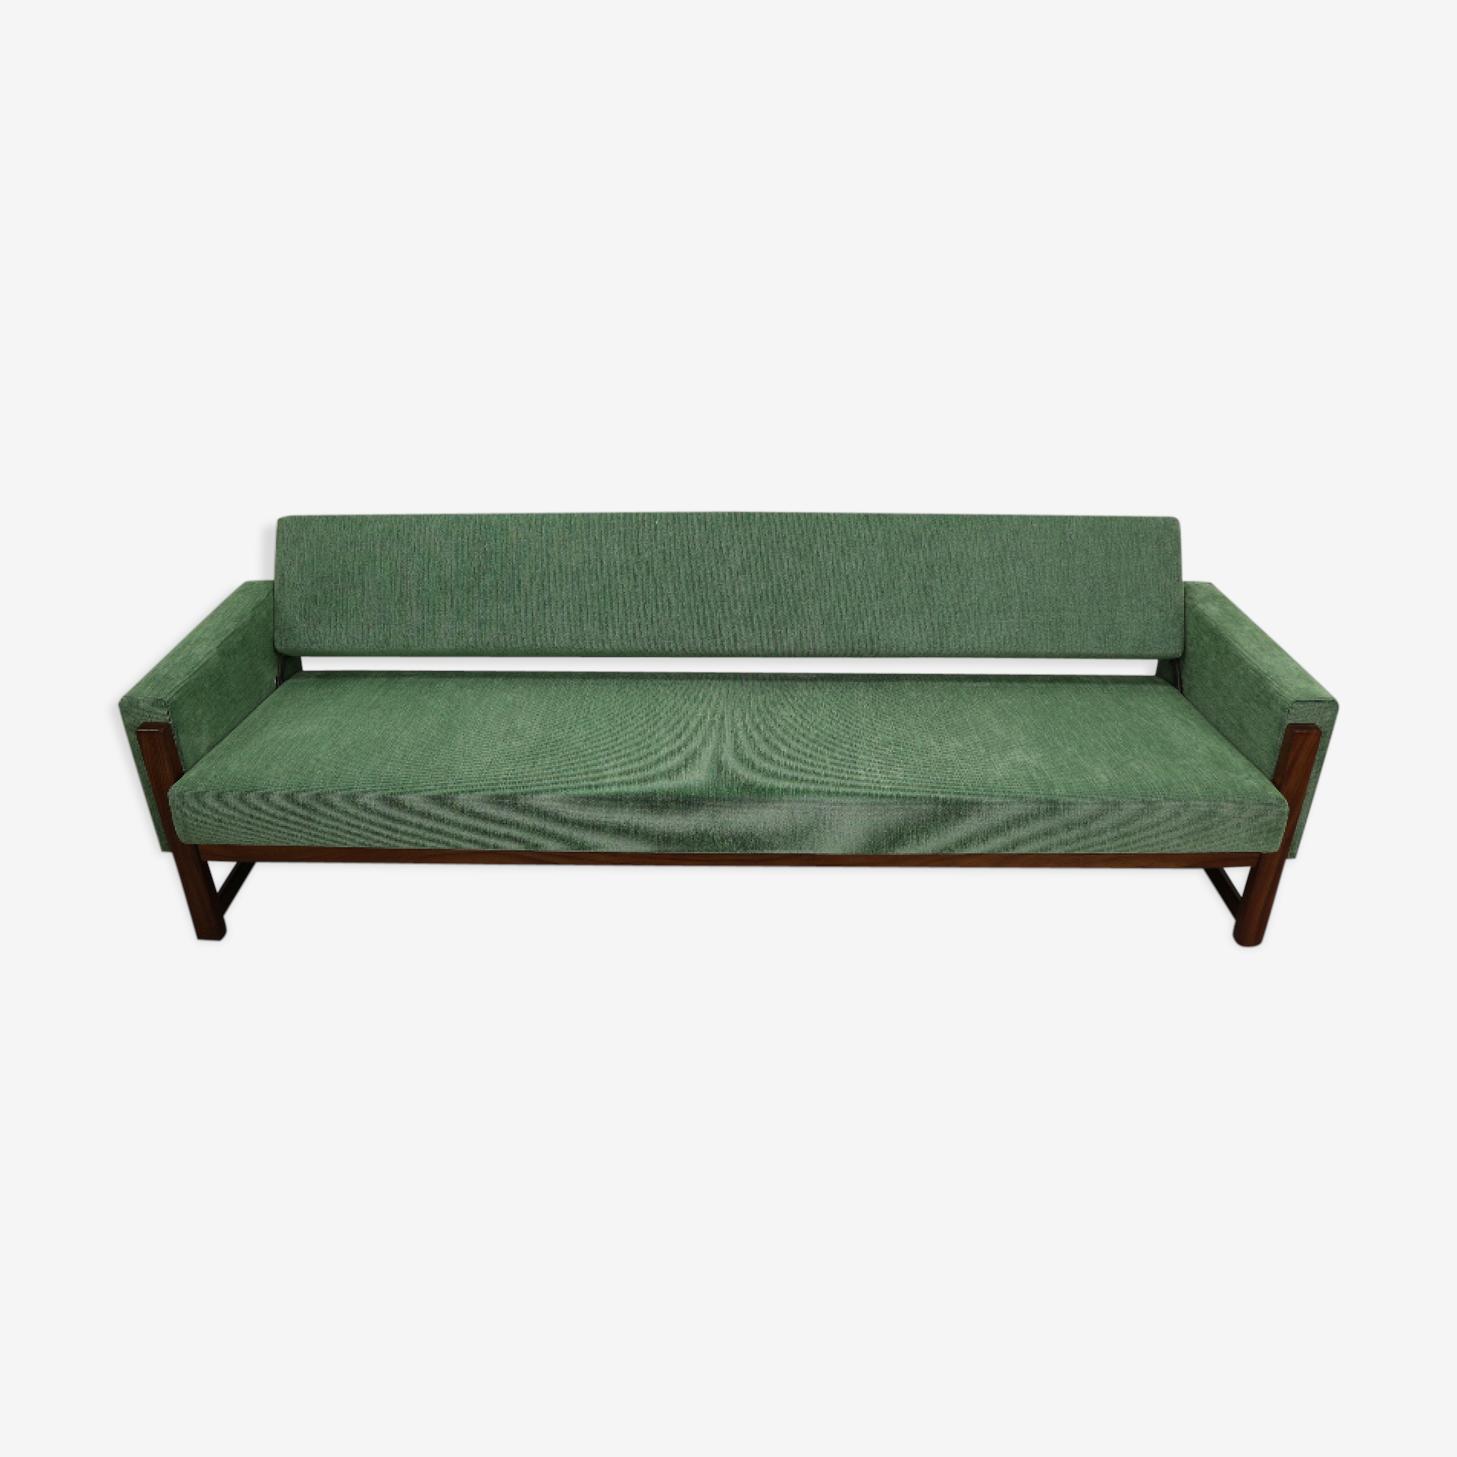 Canapé-lit trois places par Yngve Ekstrom pour Pastoe, années 1960